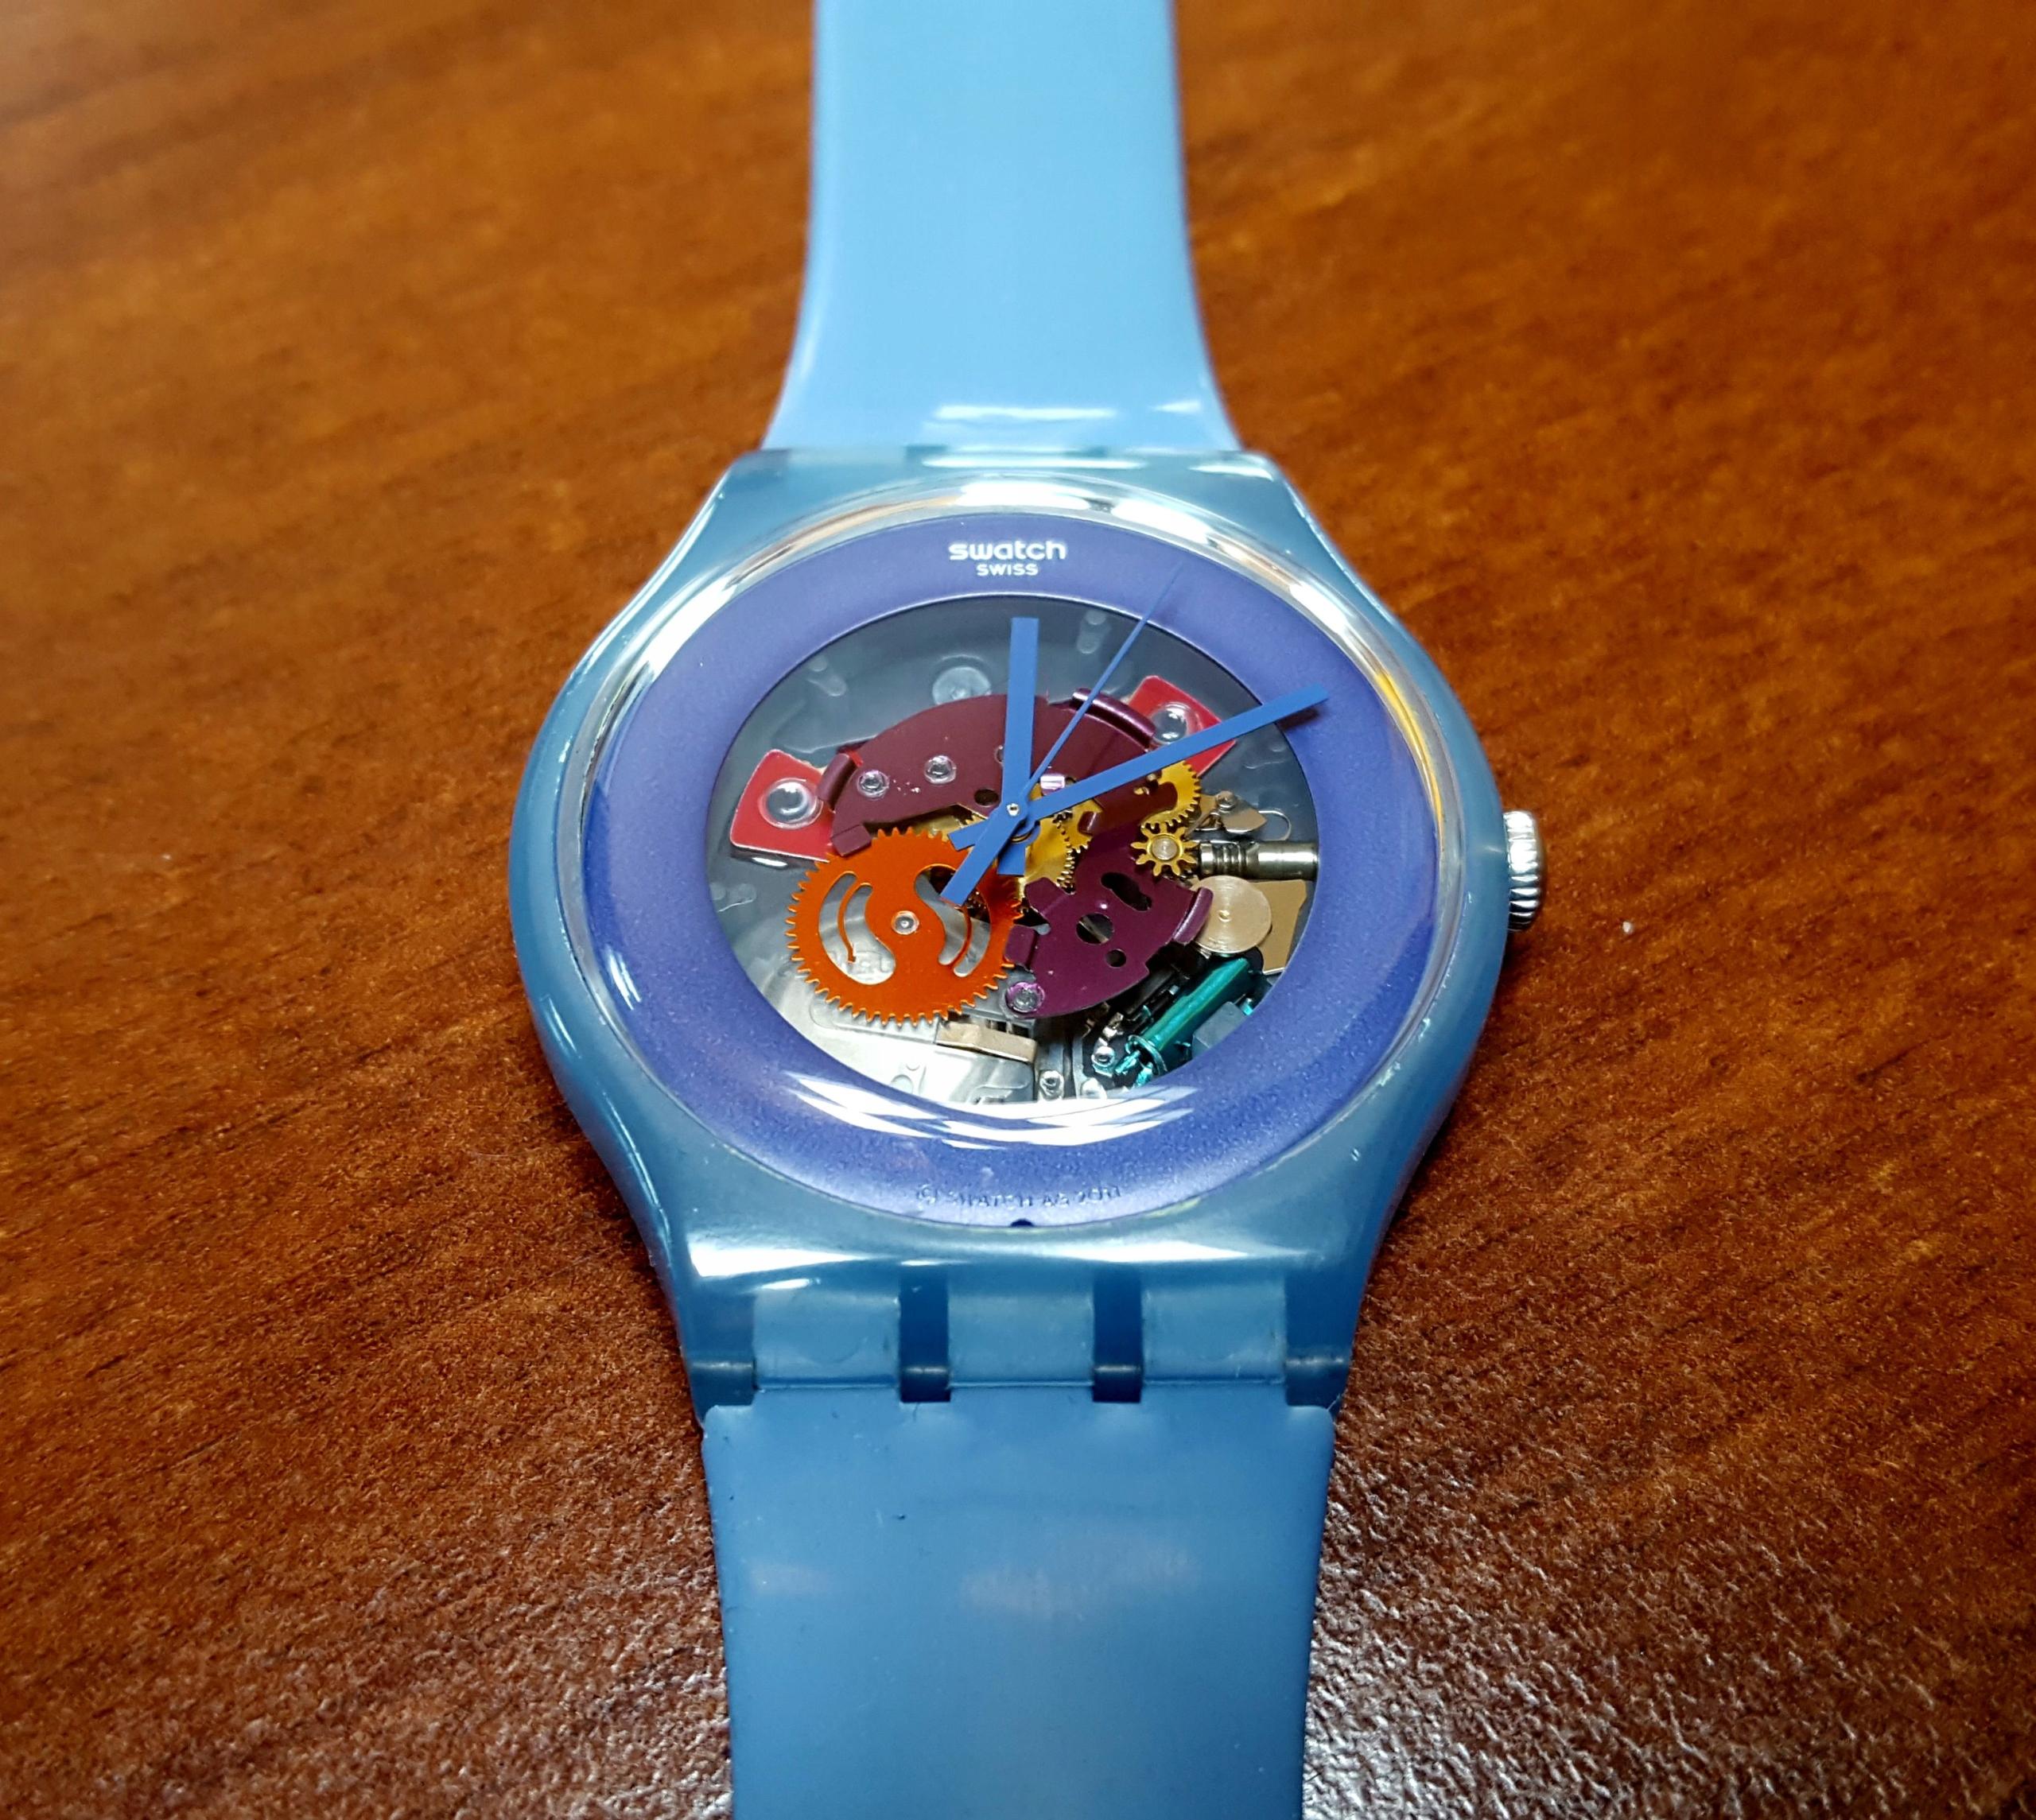 Zegarek Swatch bdb